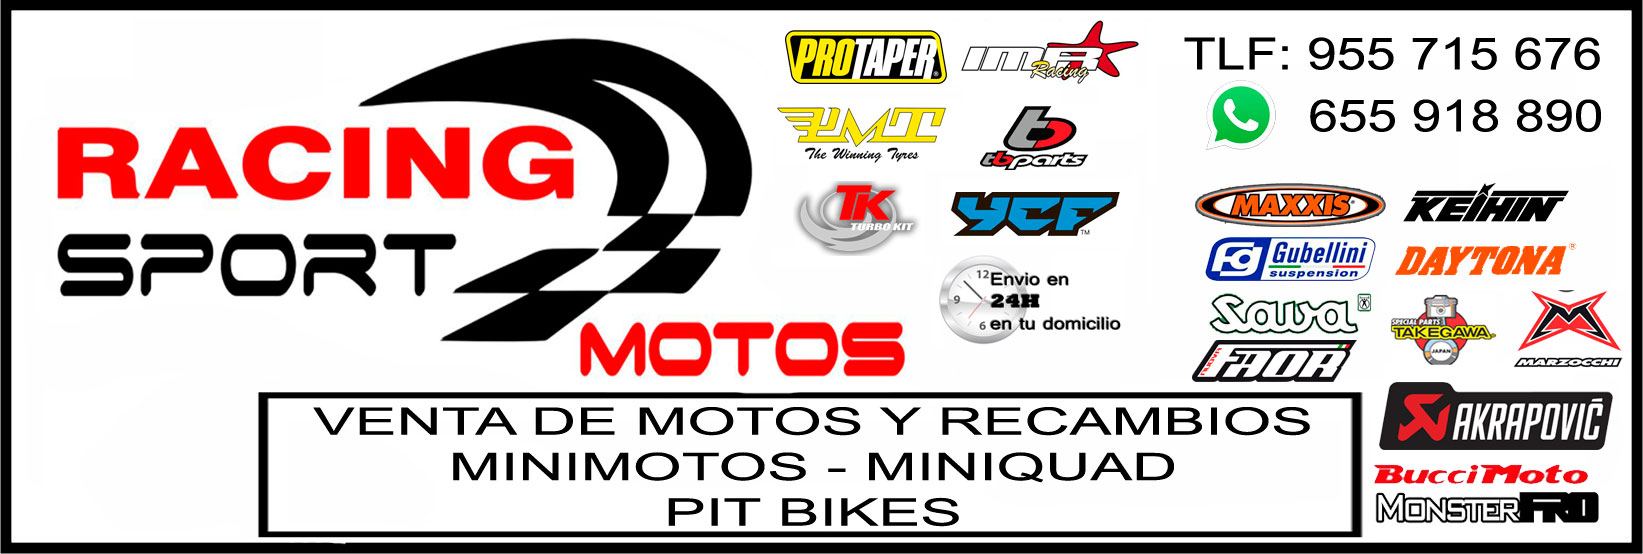 Racing Sport Motos